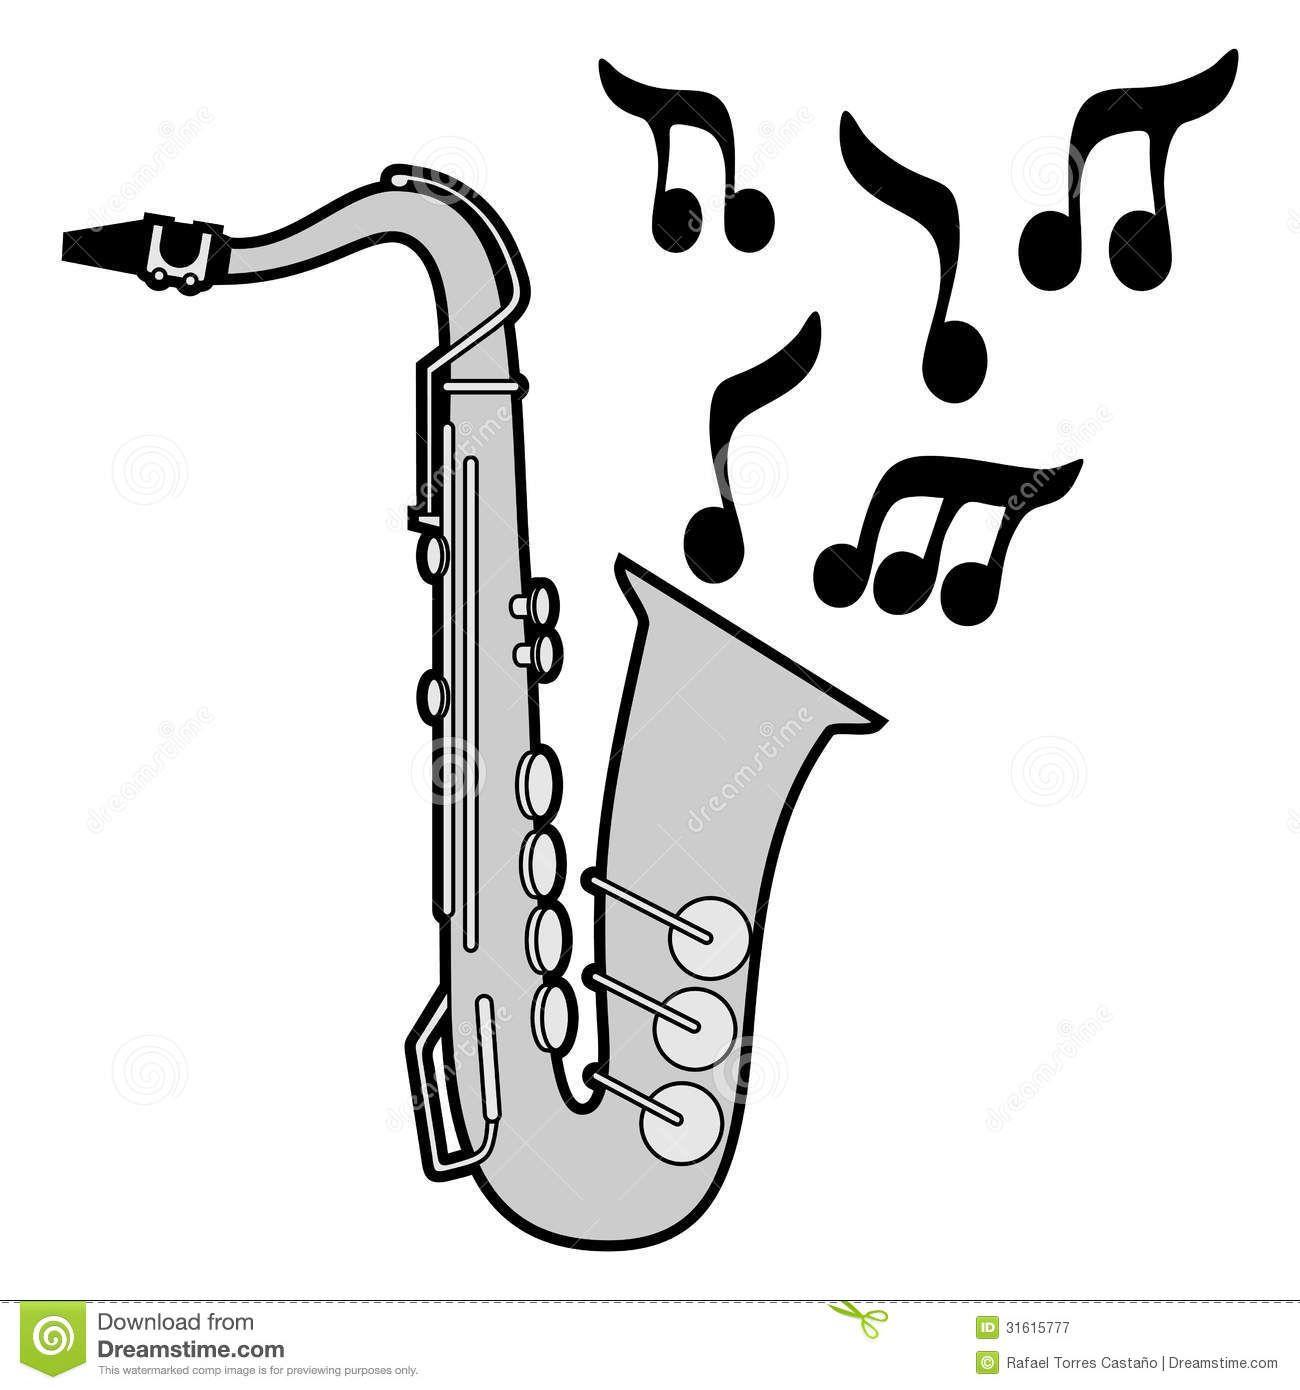 saxofón-del-icono-31615777.jpg 1,300×1,390 pixeles